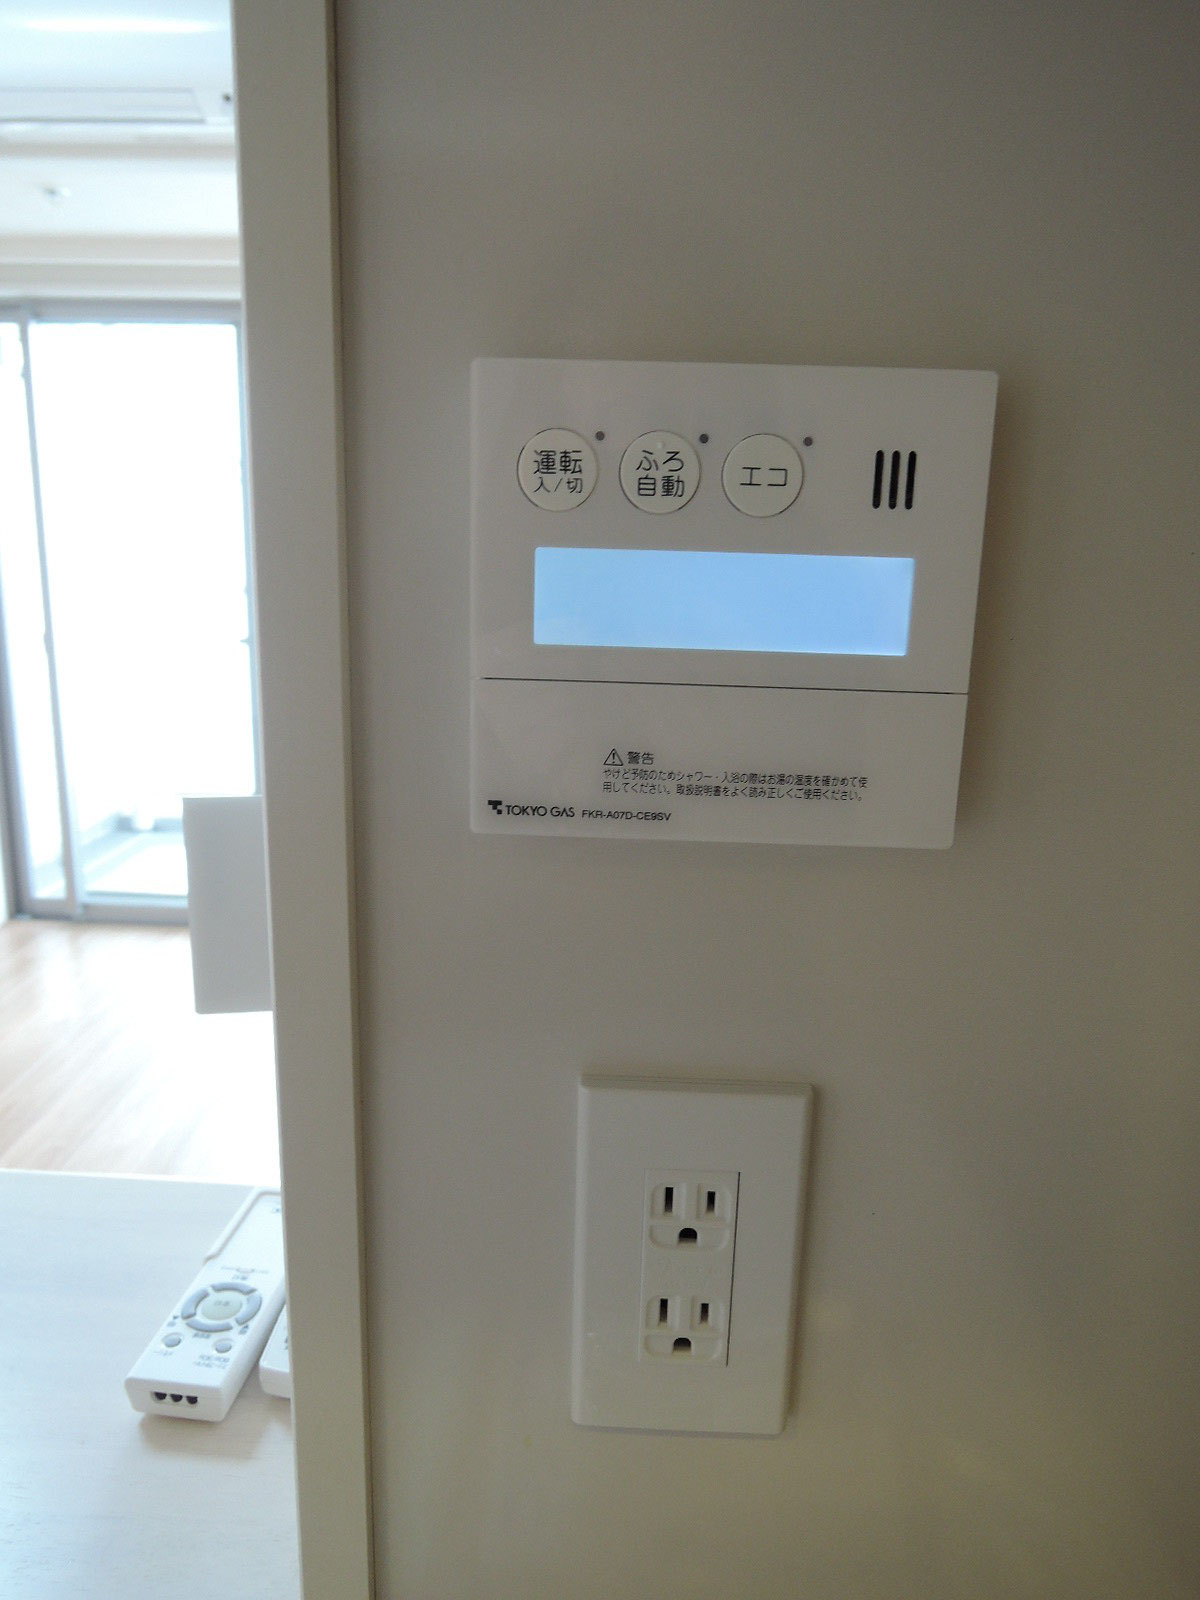 キッチンにお風呂のスイッチがあります。便利